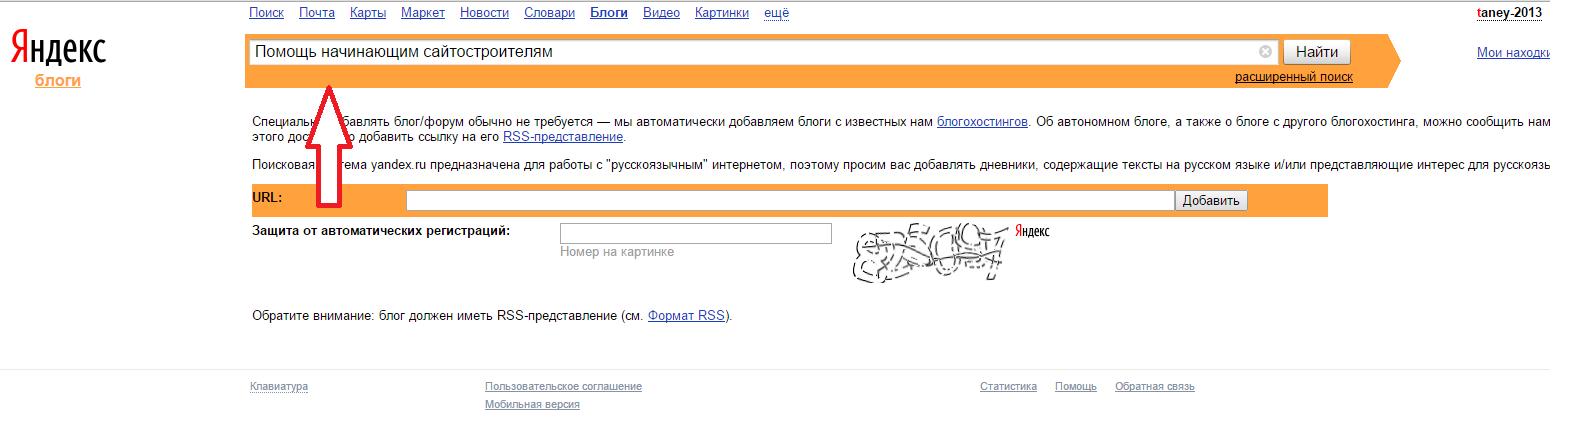 Как добавить блог в яндекс.блоги